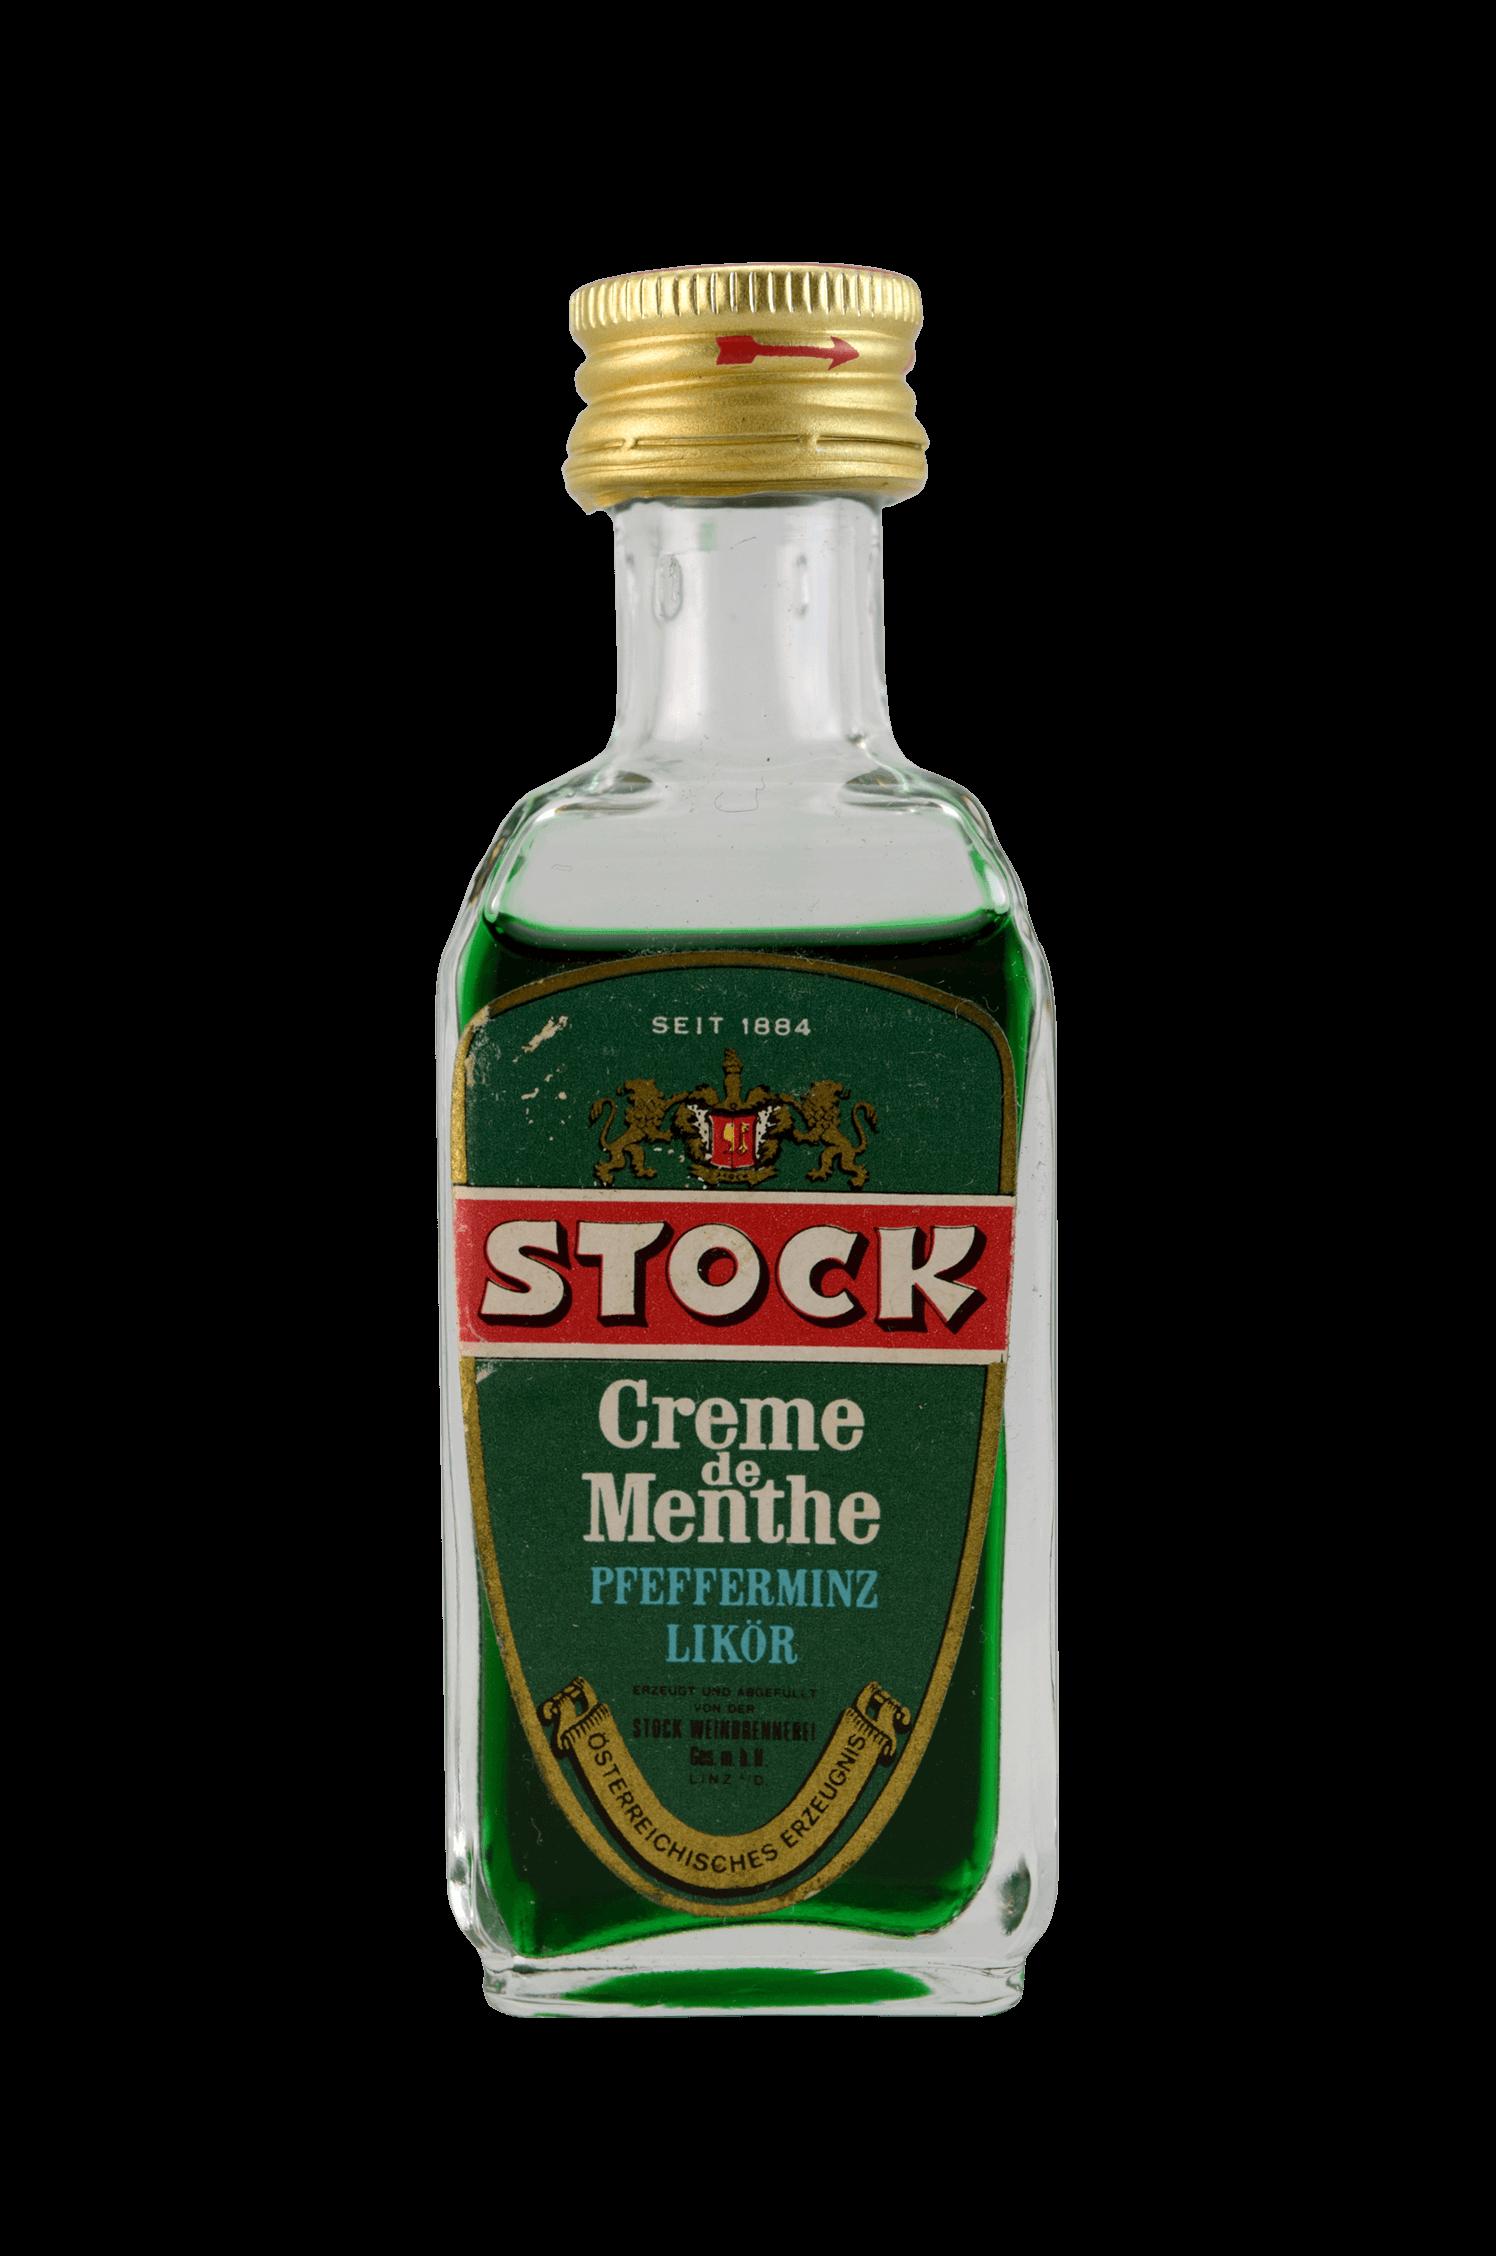 Stock Creme De Menthe